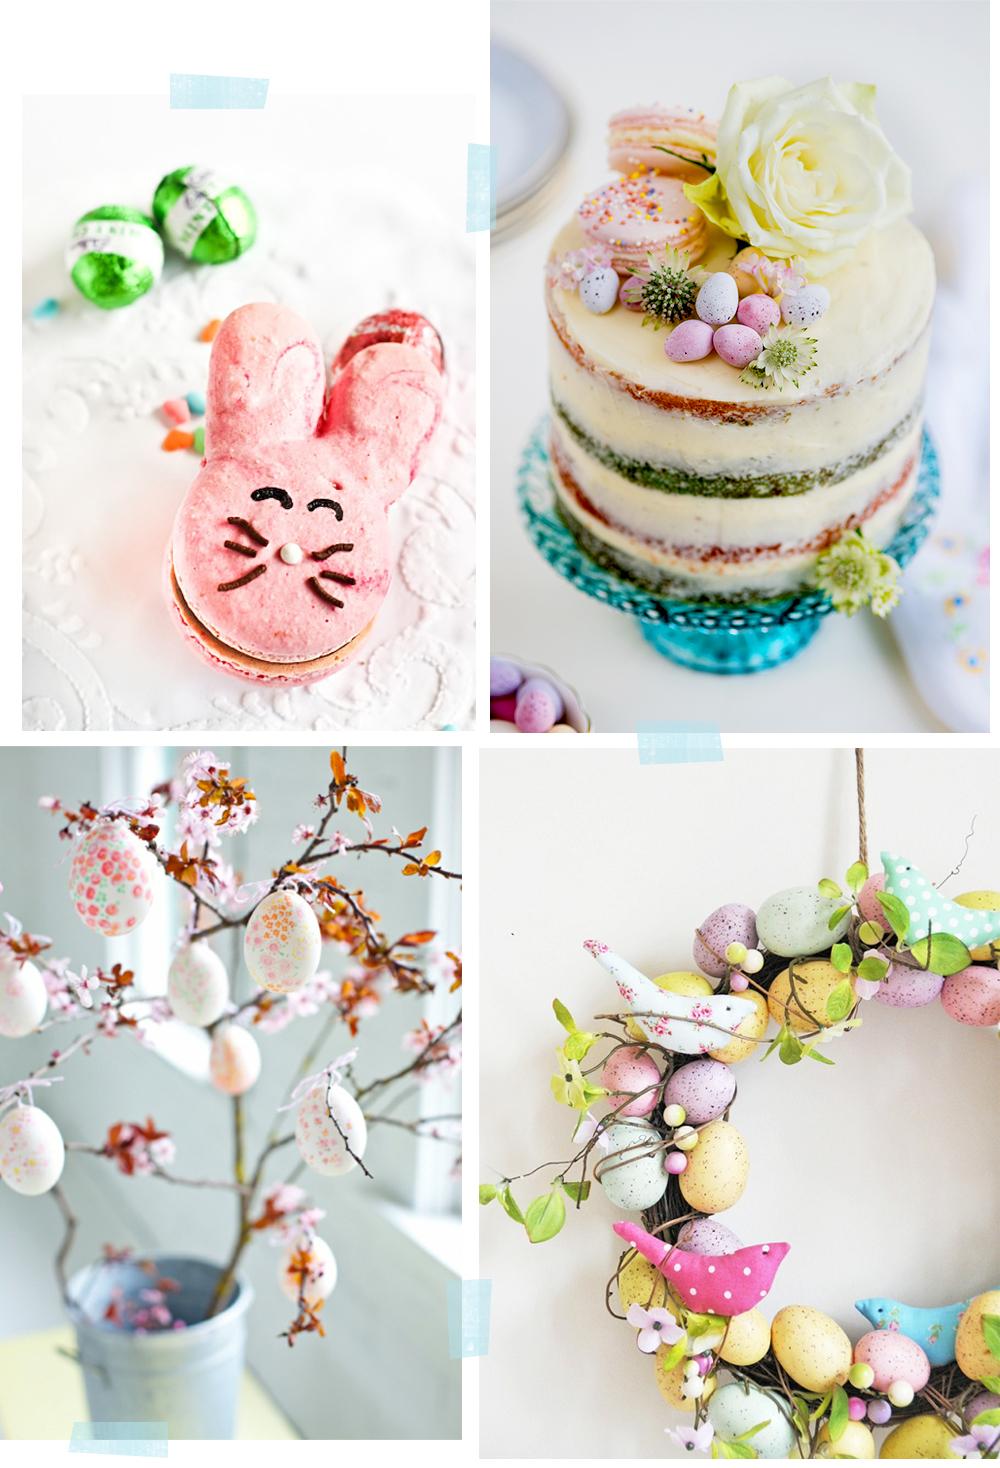 Happy-Easter-emmajayne-designs